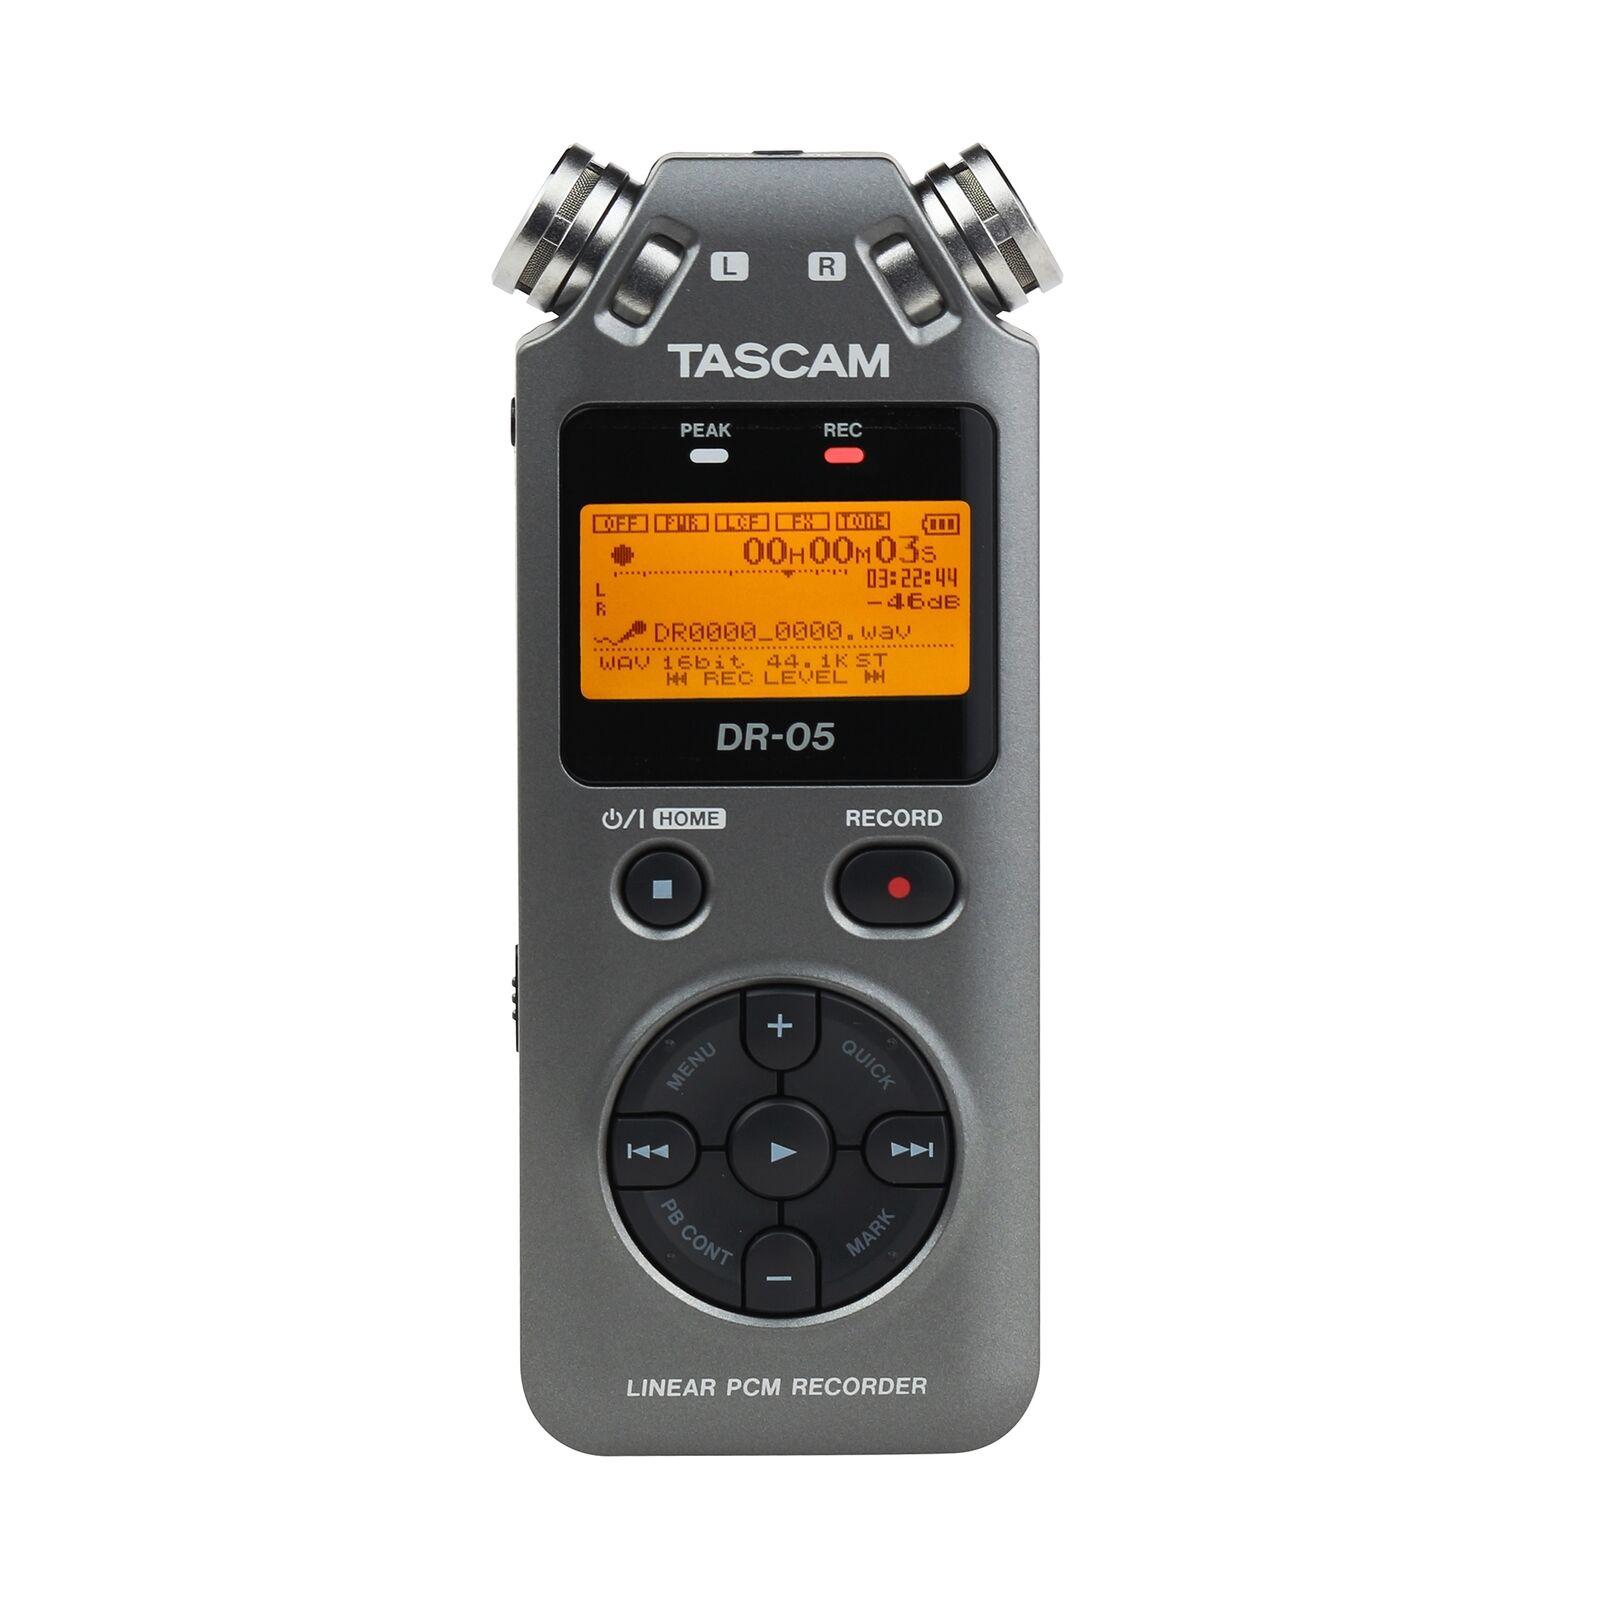 Tascam DR-05 Version 2 Handheld PCM Portable Digital Audio Recorder grau DR05 V2